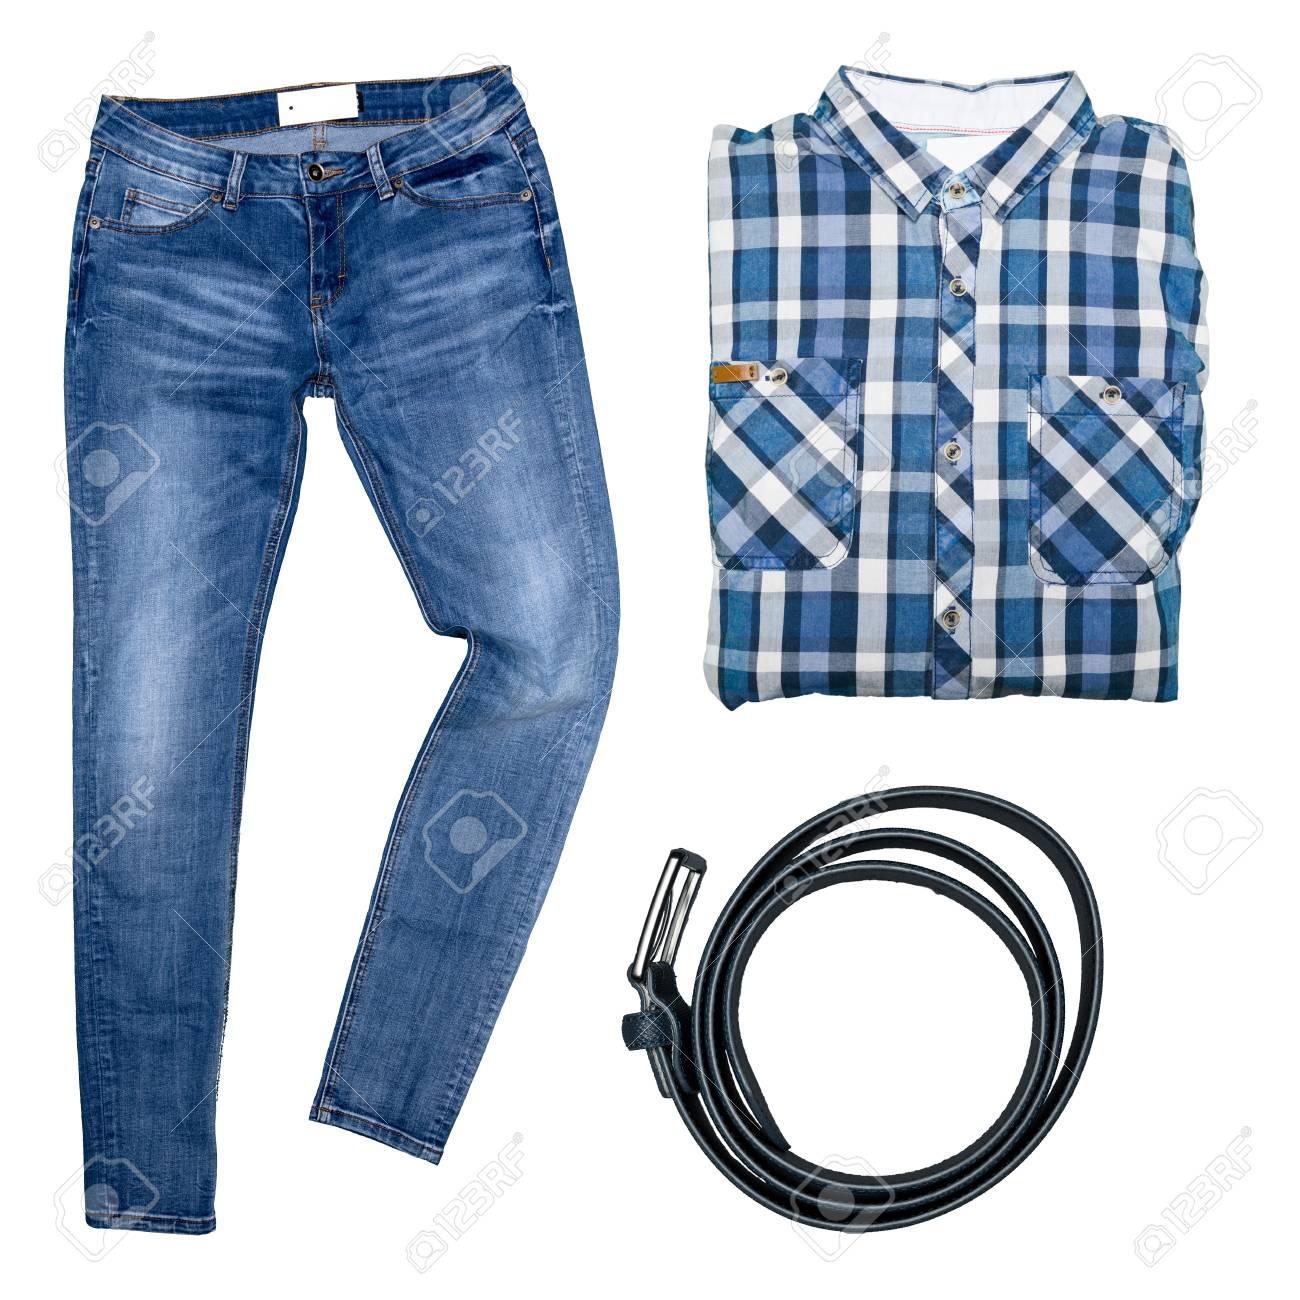 3366c02cb6 Colección de ropa masculina aislados en blanco Foto de archivo - 86269607